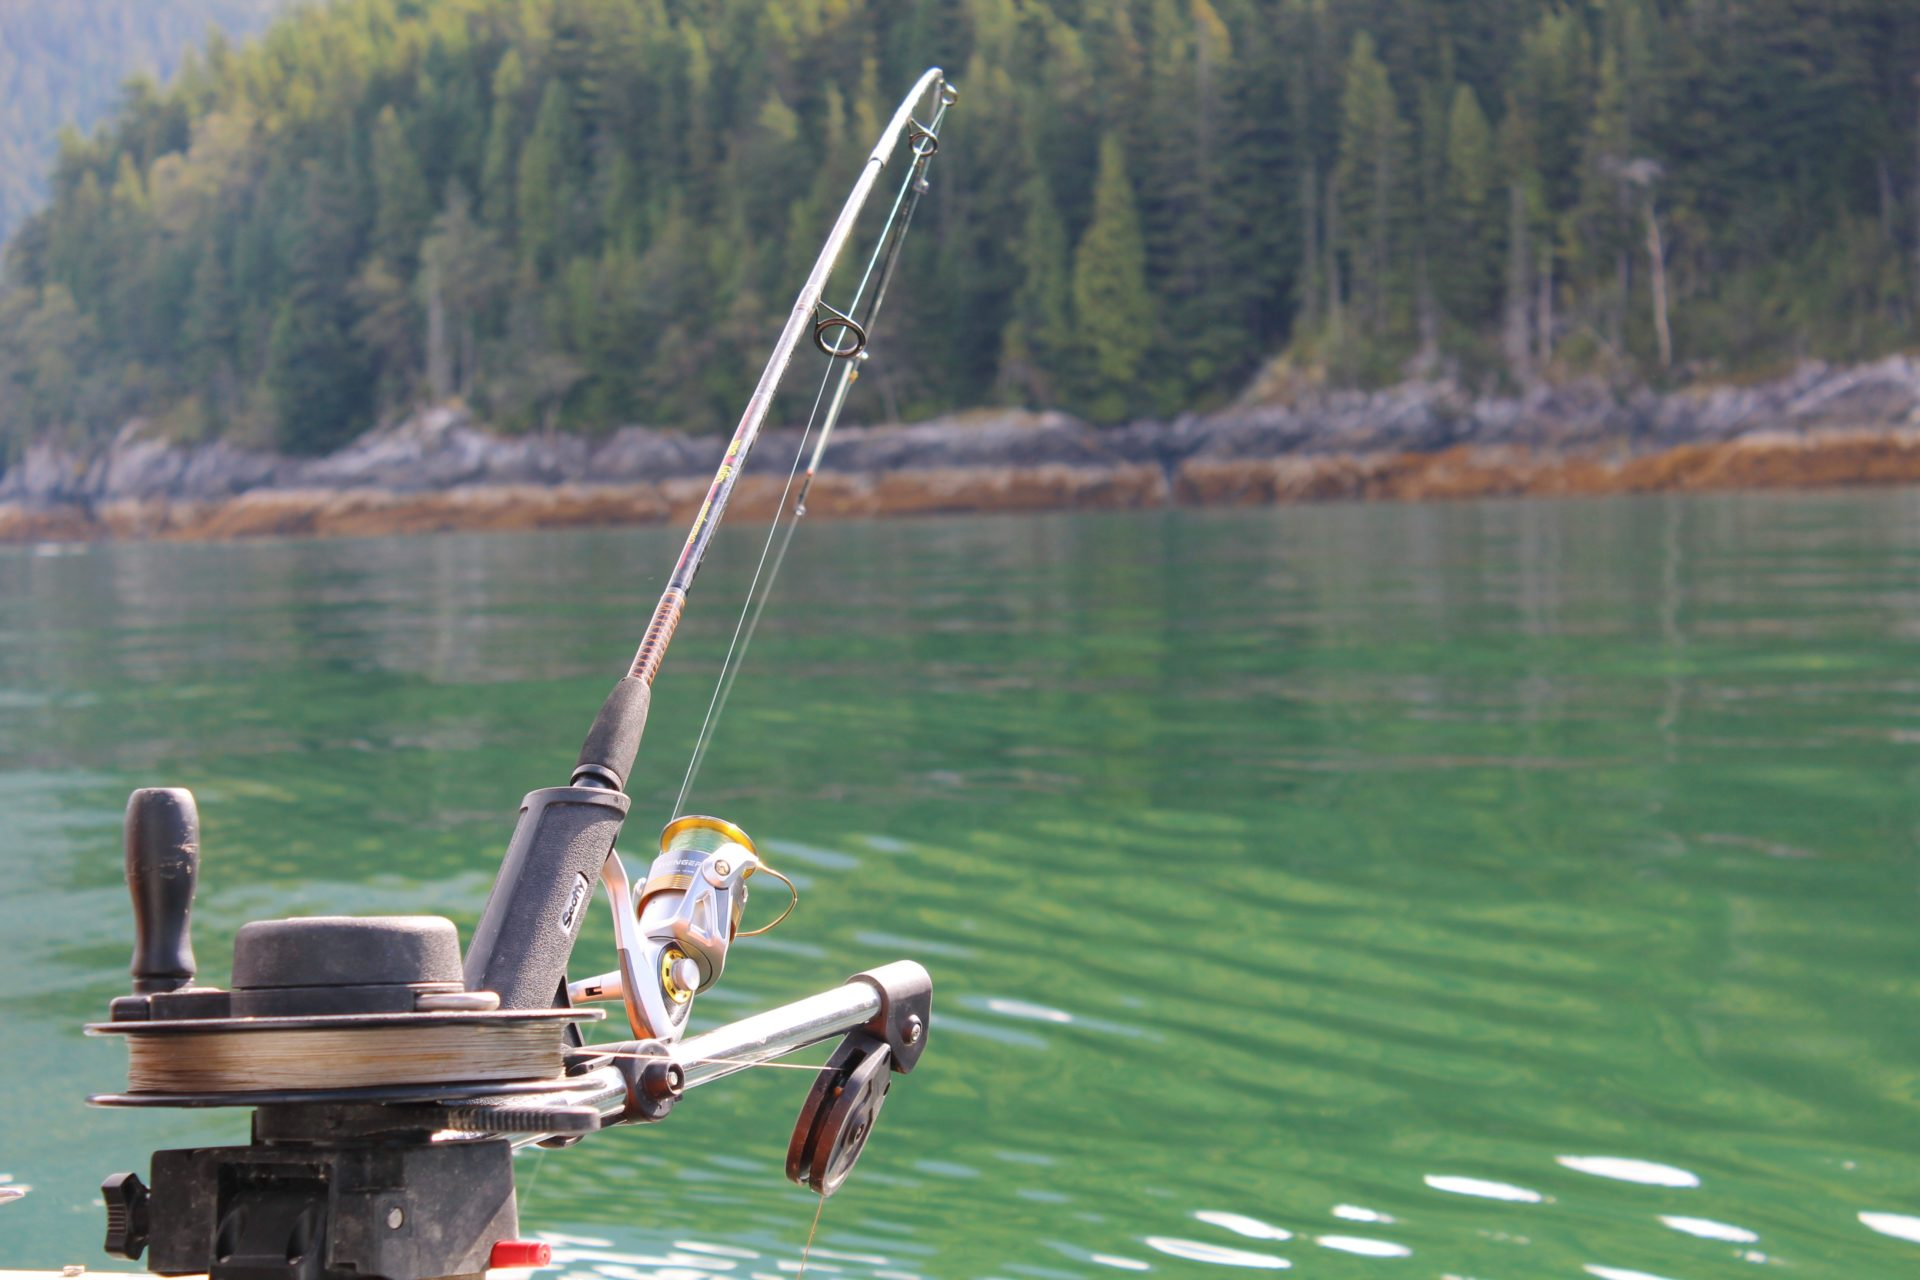 Fishing. Credit: Raeanne O'Meara.